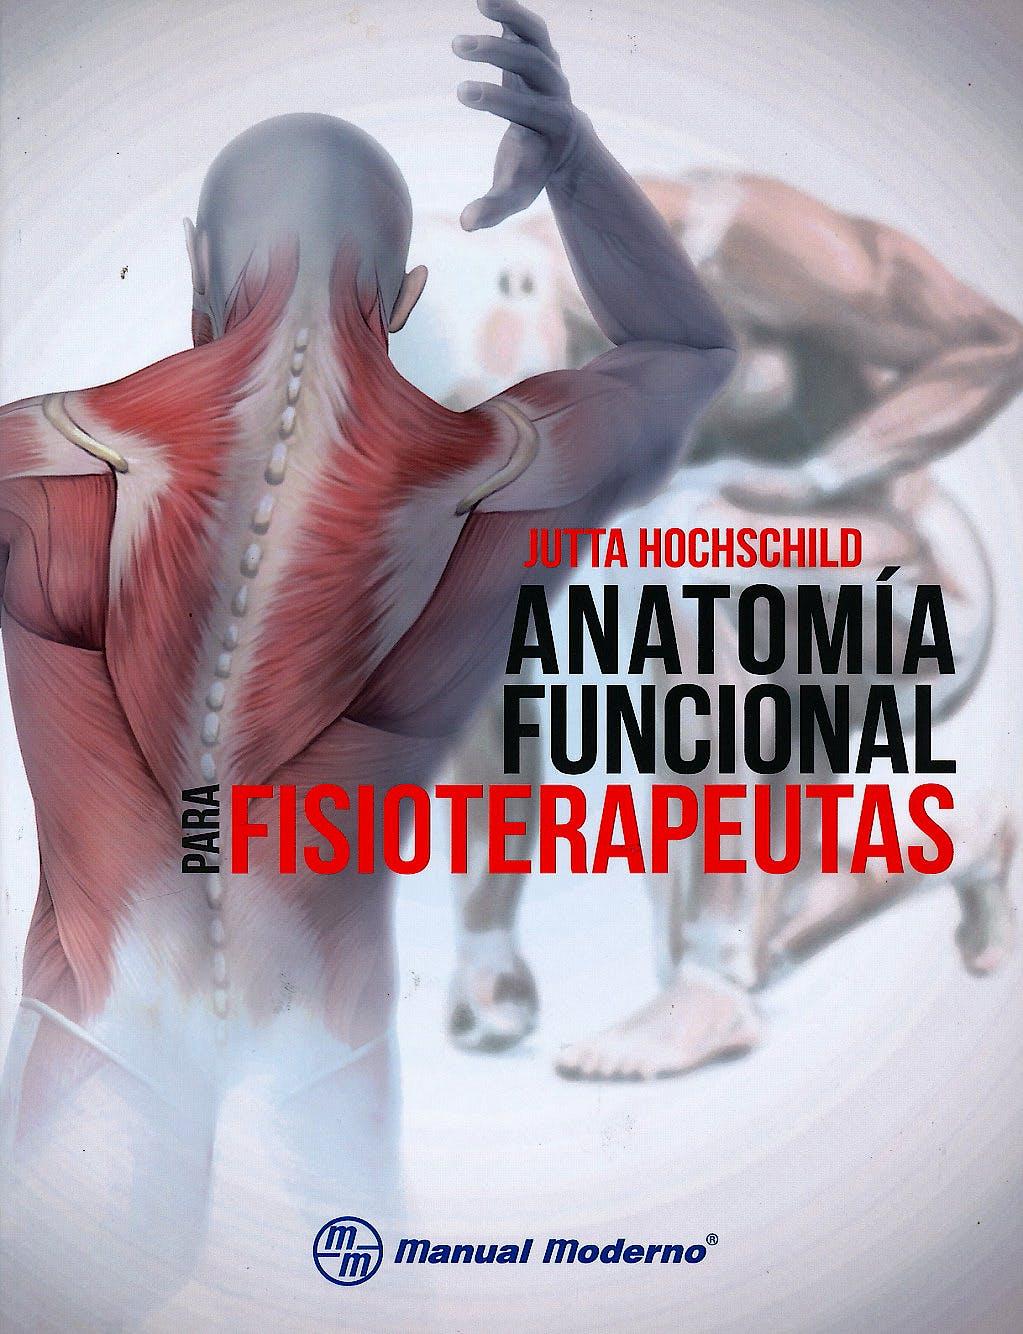 Producto: Anatomía Funcional para Fisioterapeutas